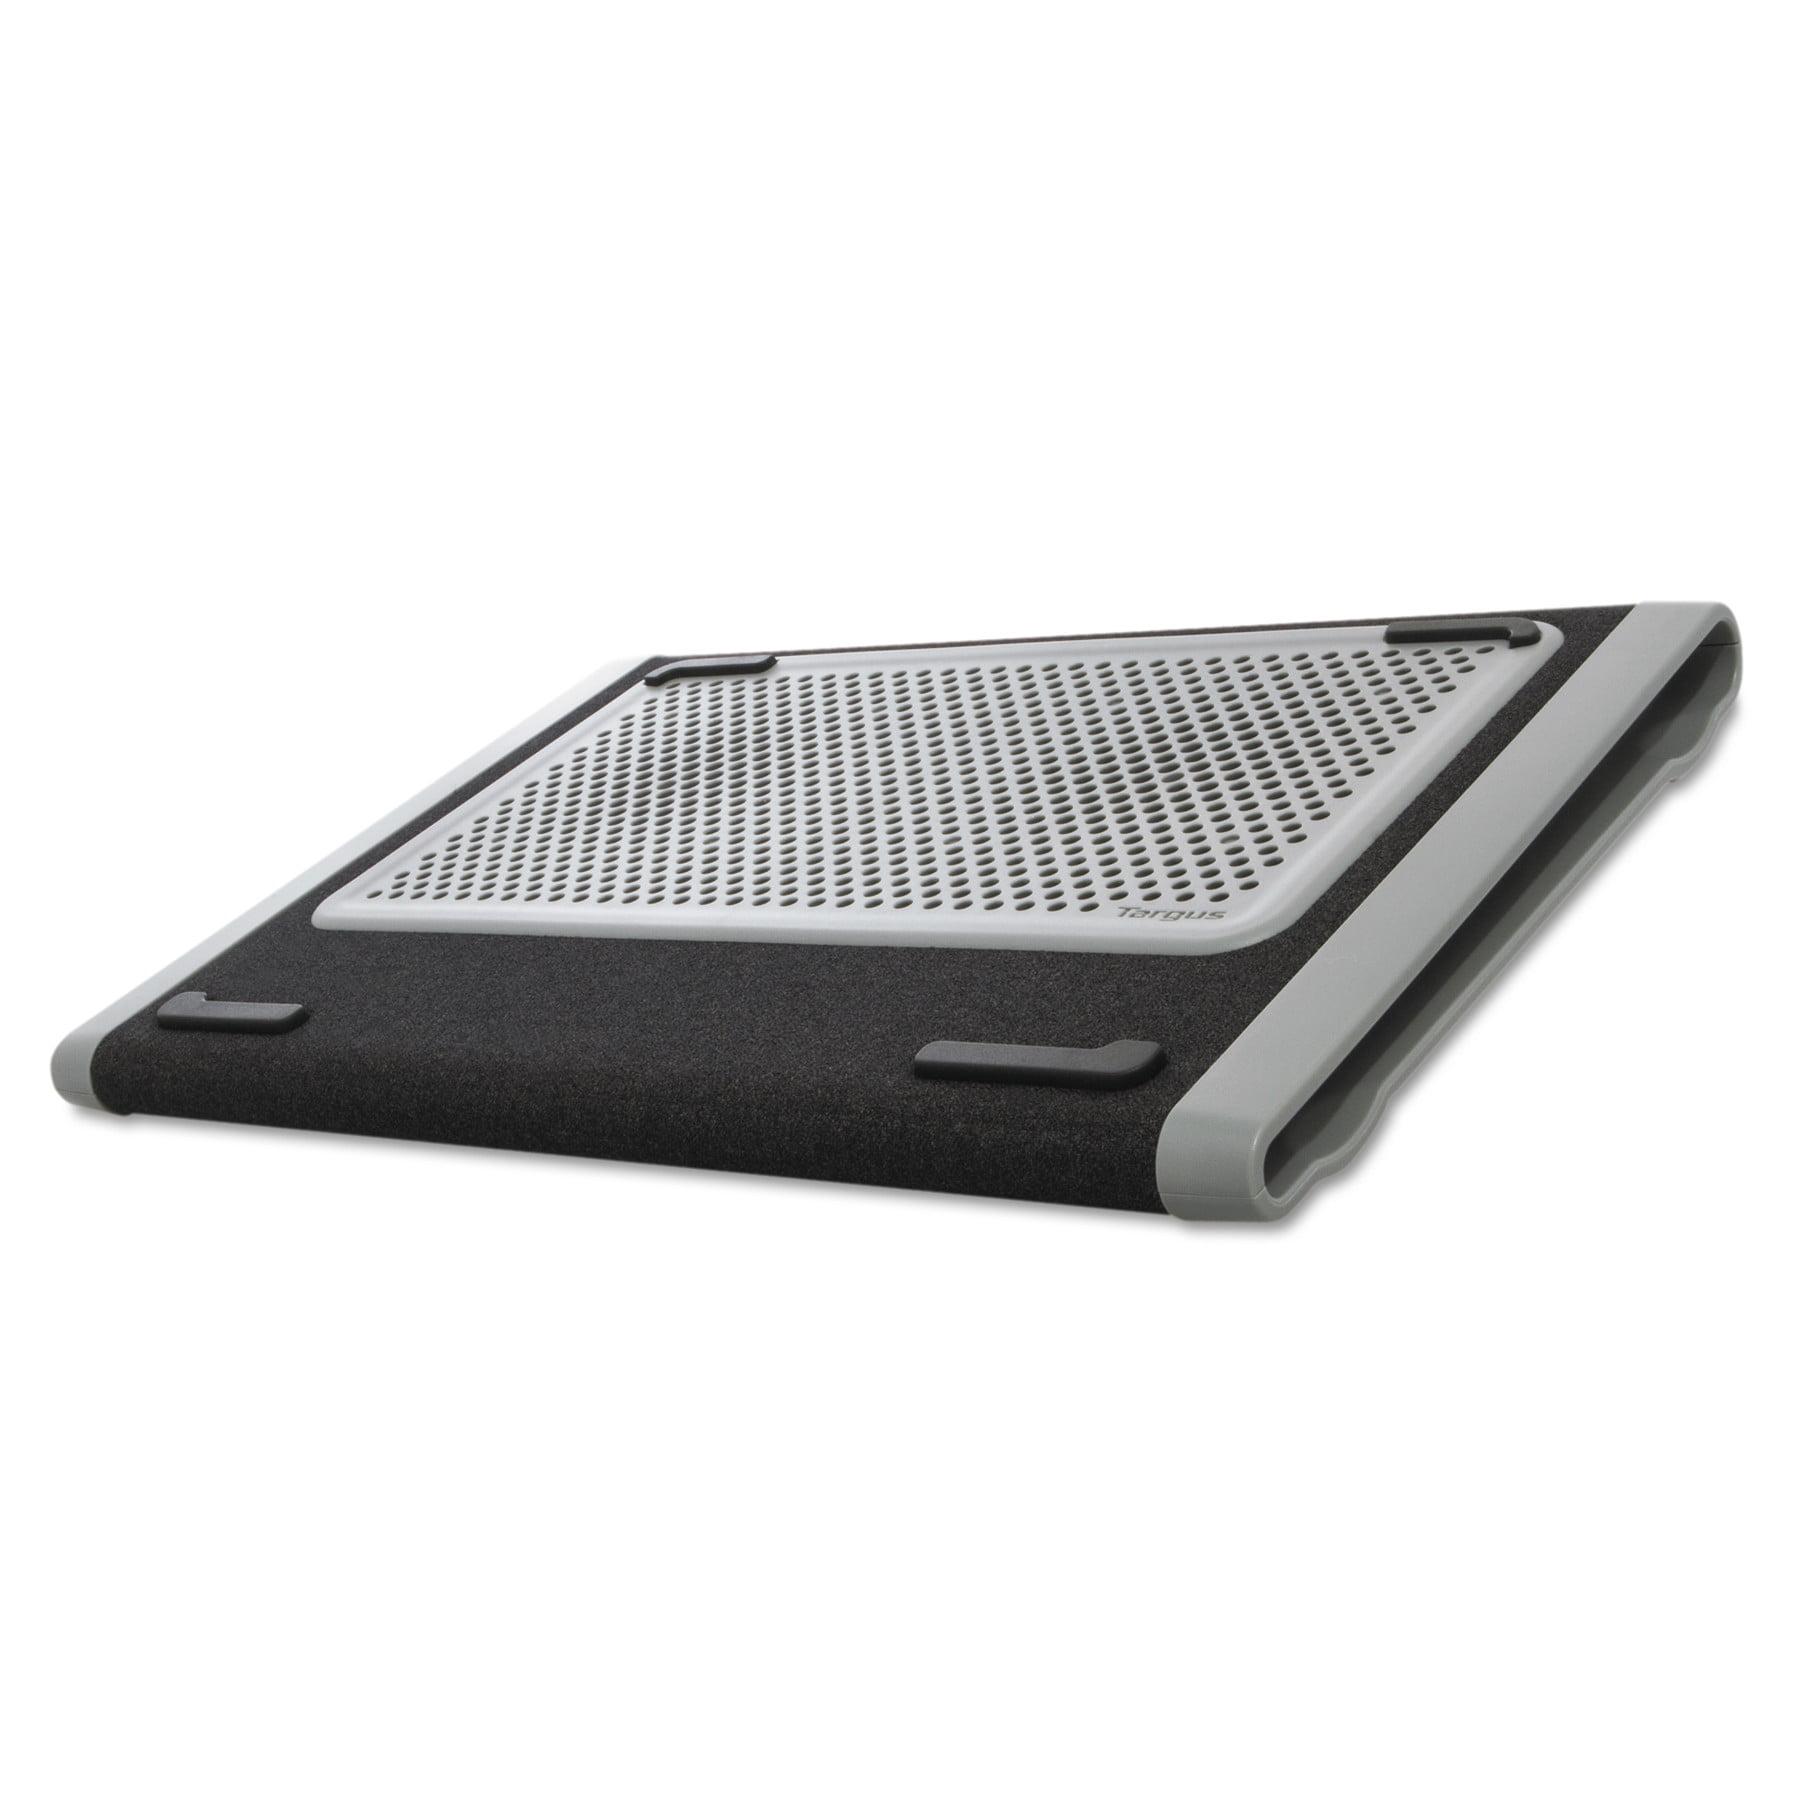 Targus Dual Fan Chill Mat, 9 1 4 x 13 1 4 x 1, Gray Black by Targus